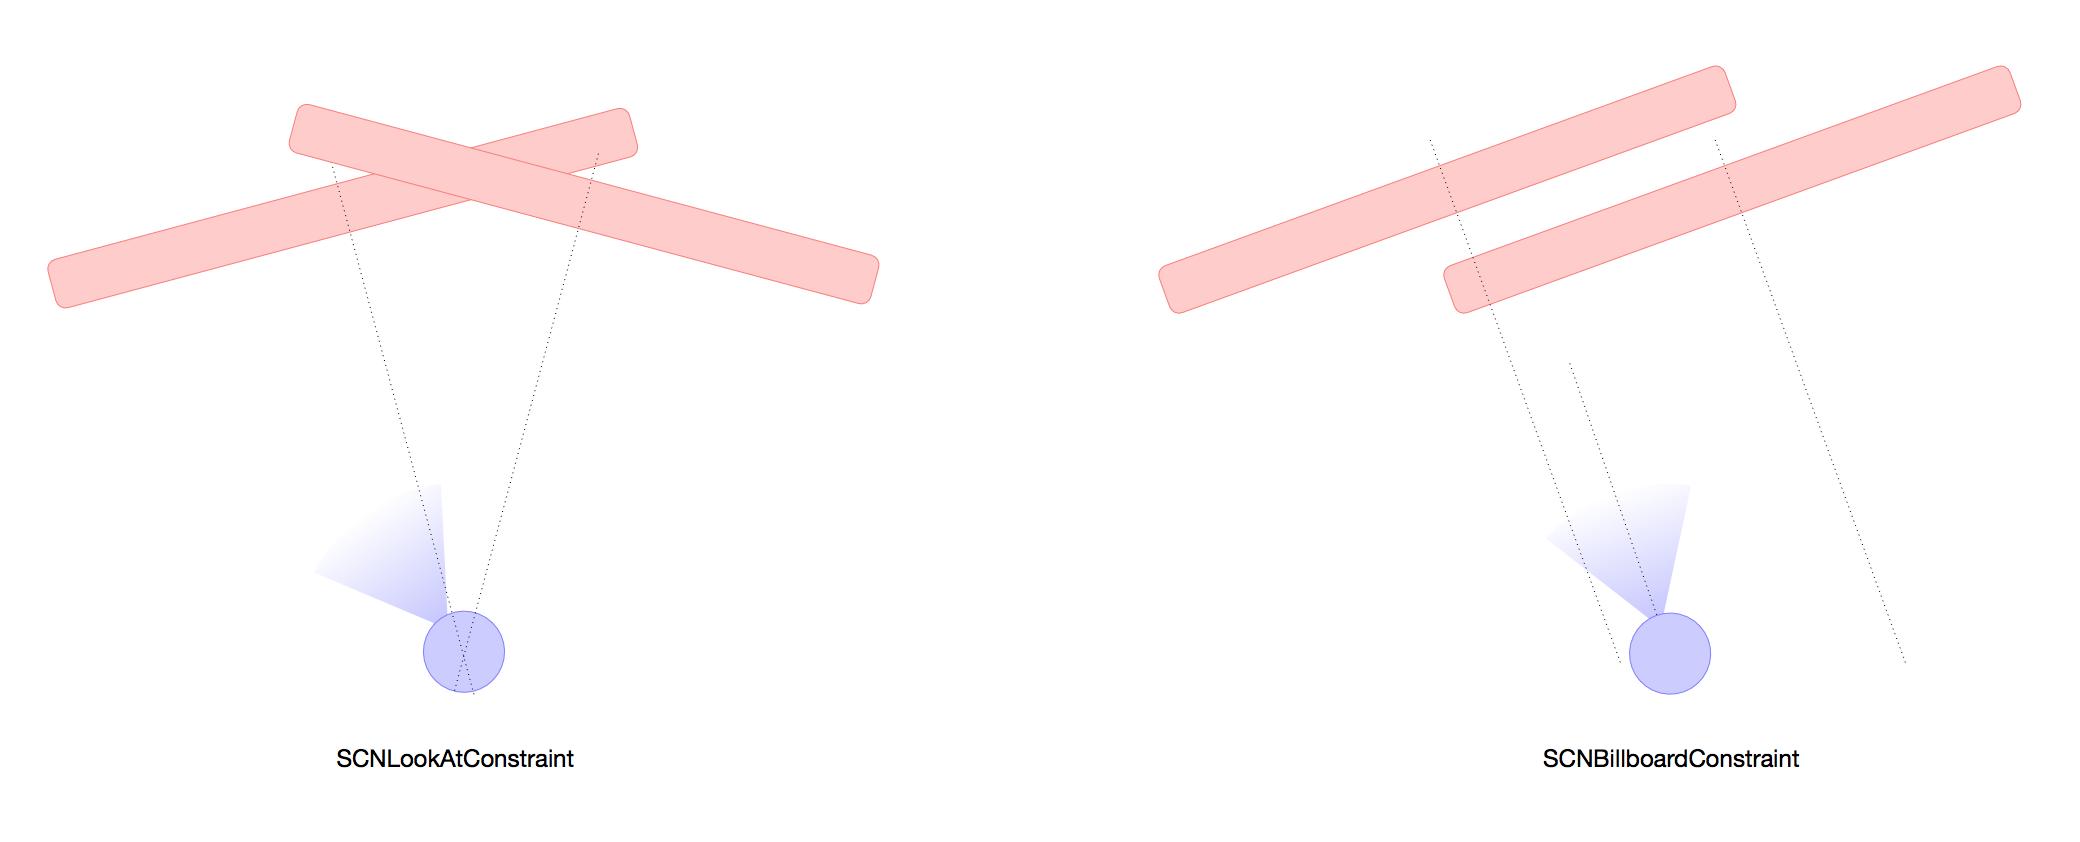 图9 卡片朝向的两种约束